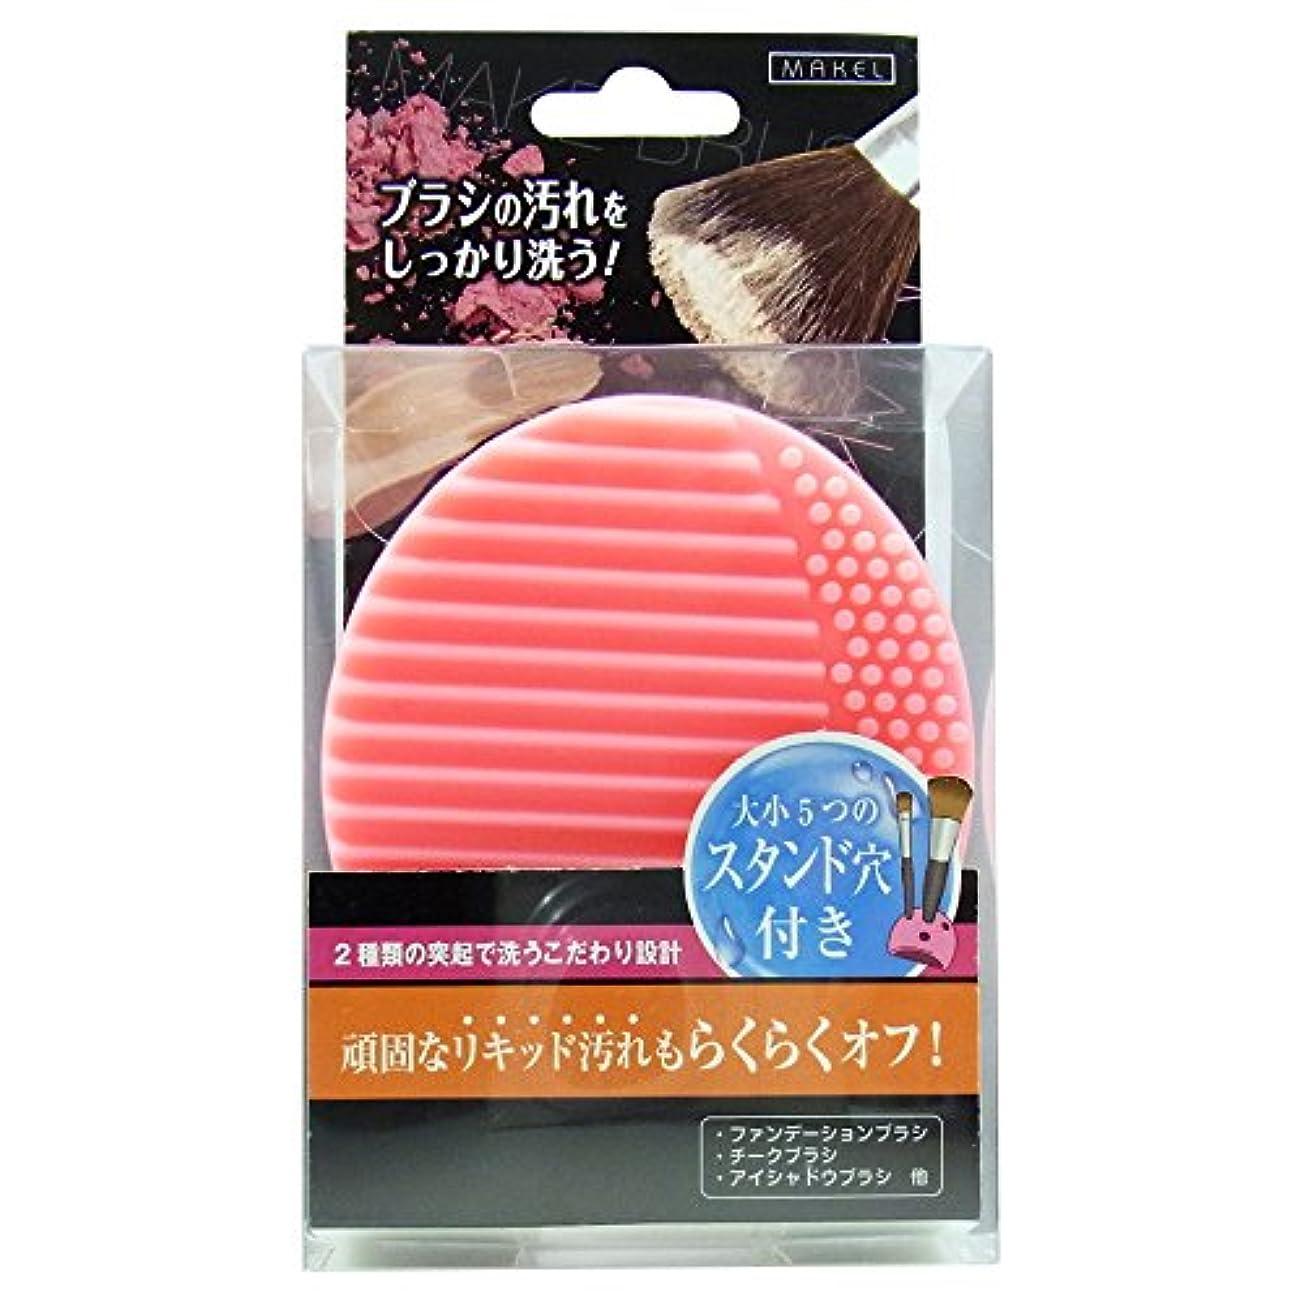 キャプション刈る刈るラッキーウィンク メイクブラシクリーナー ピンク MBC500